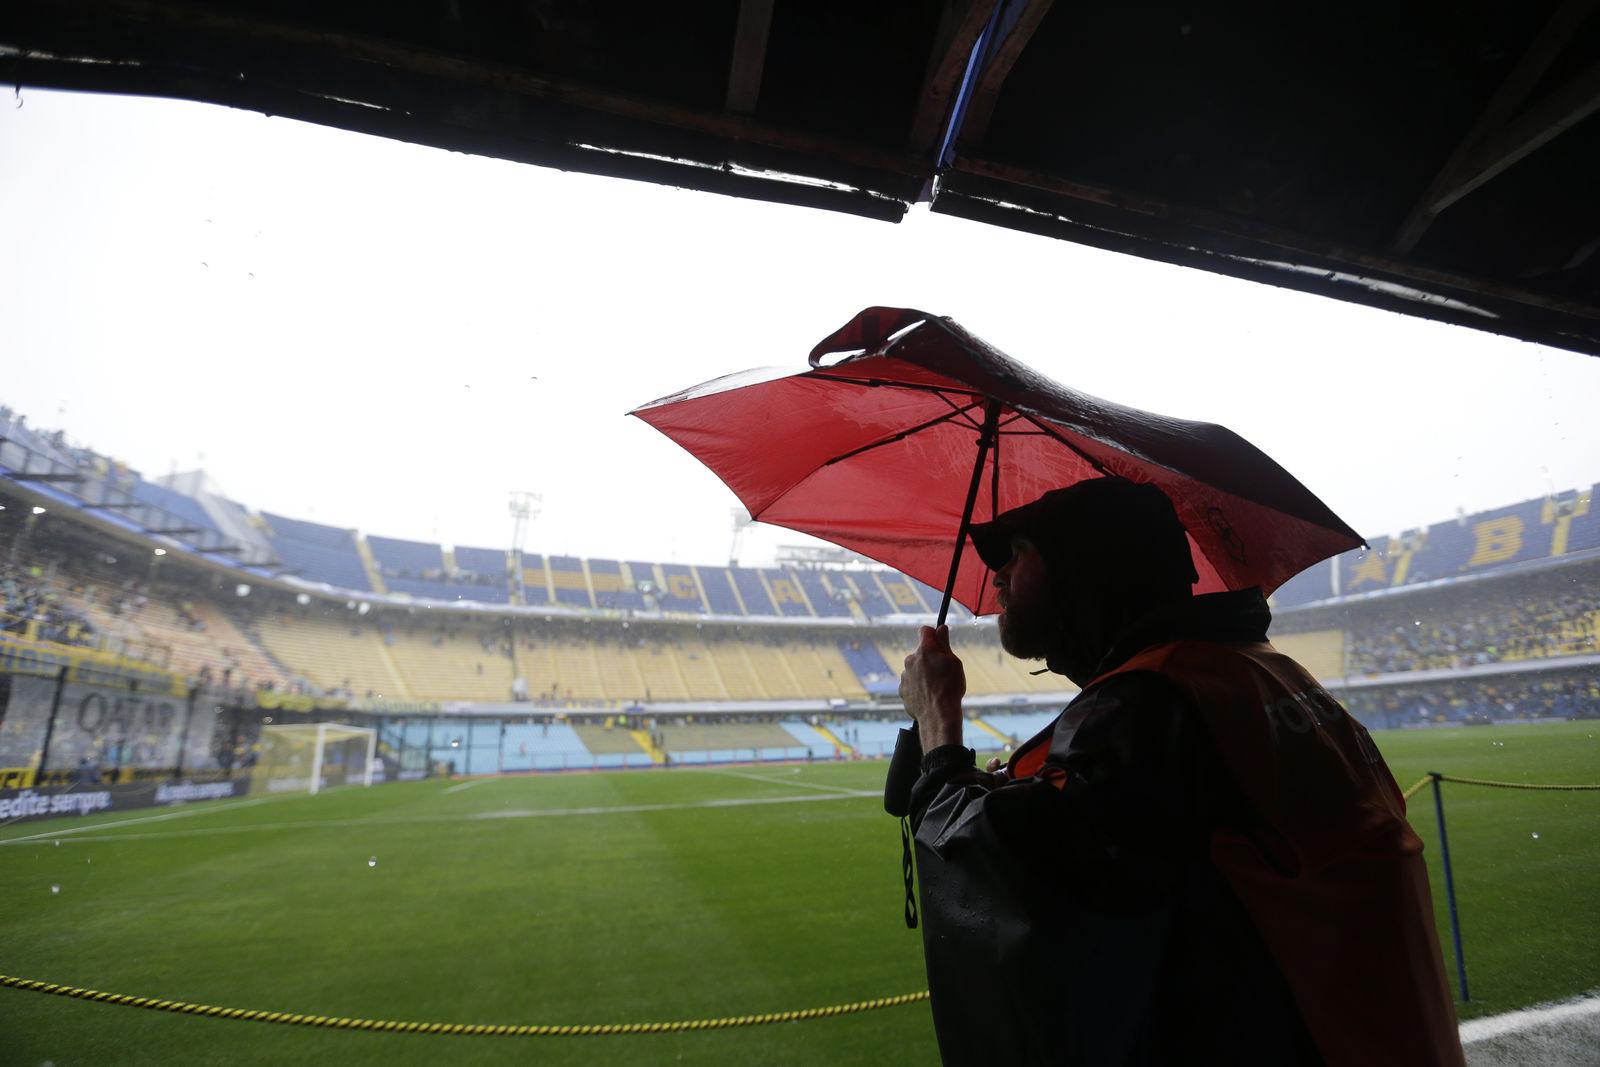 El partido debía jugarse este sábado a las 17:00 horas (20:00 GMT) en la Bombonera, pero se suspendió por la fuerte tormenta que azota a la ciudad de Buenos Aires.